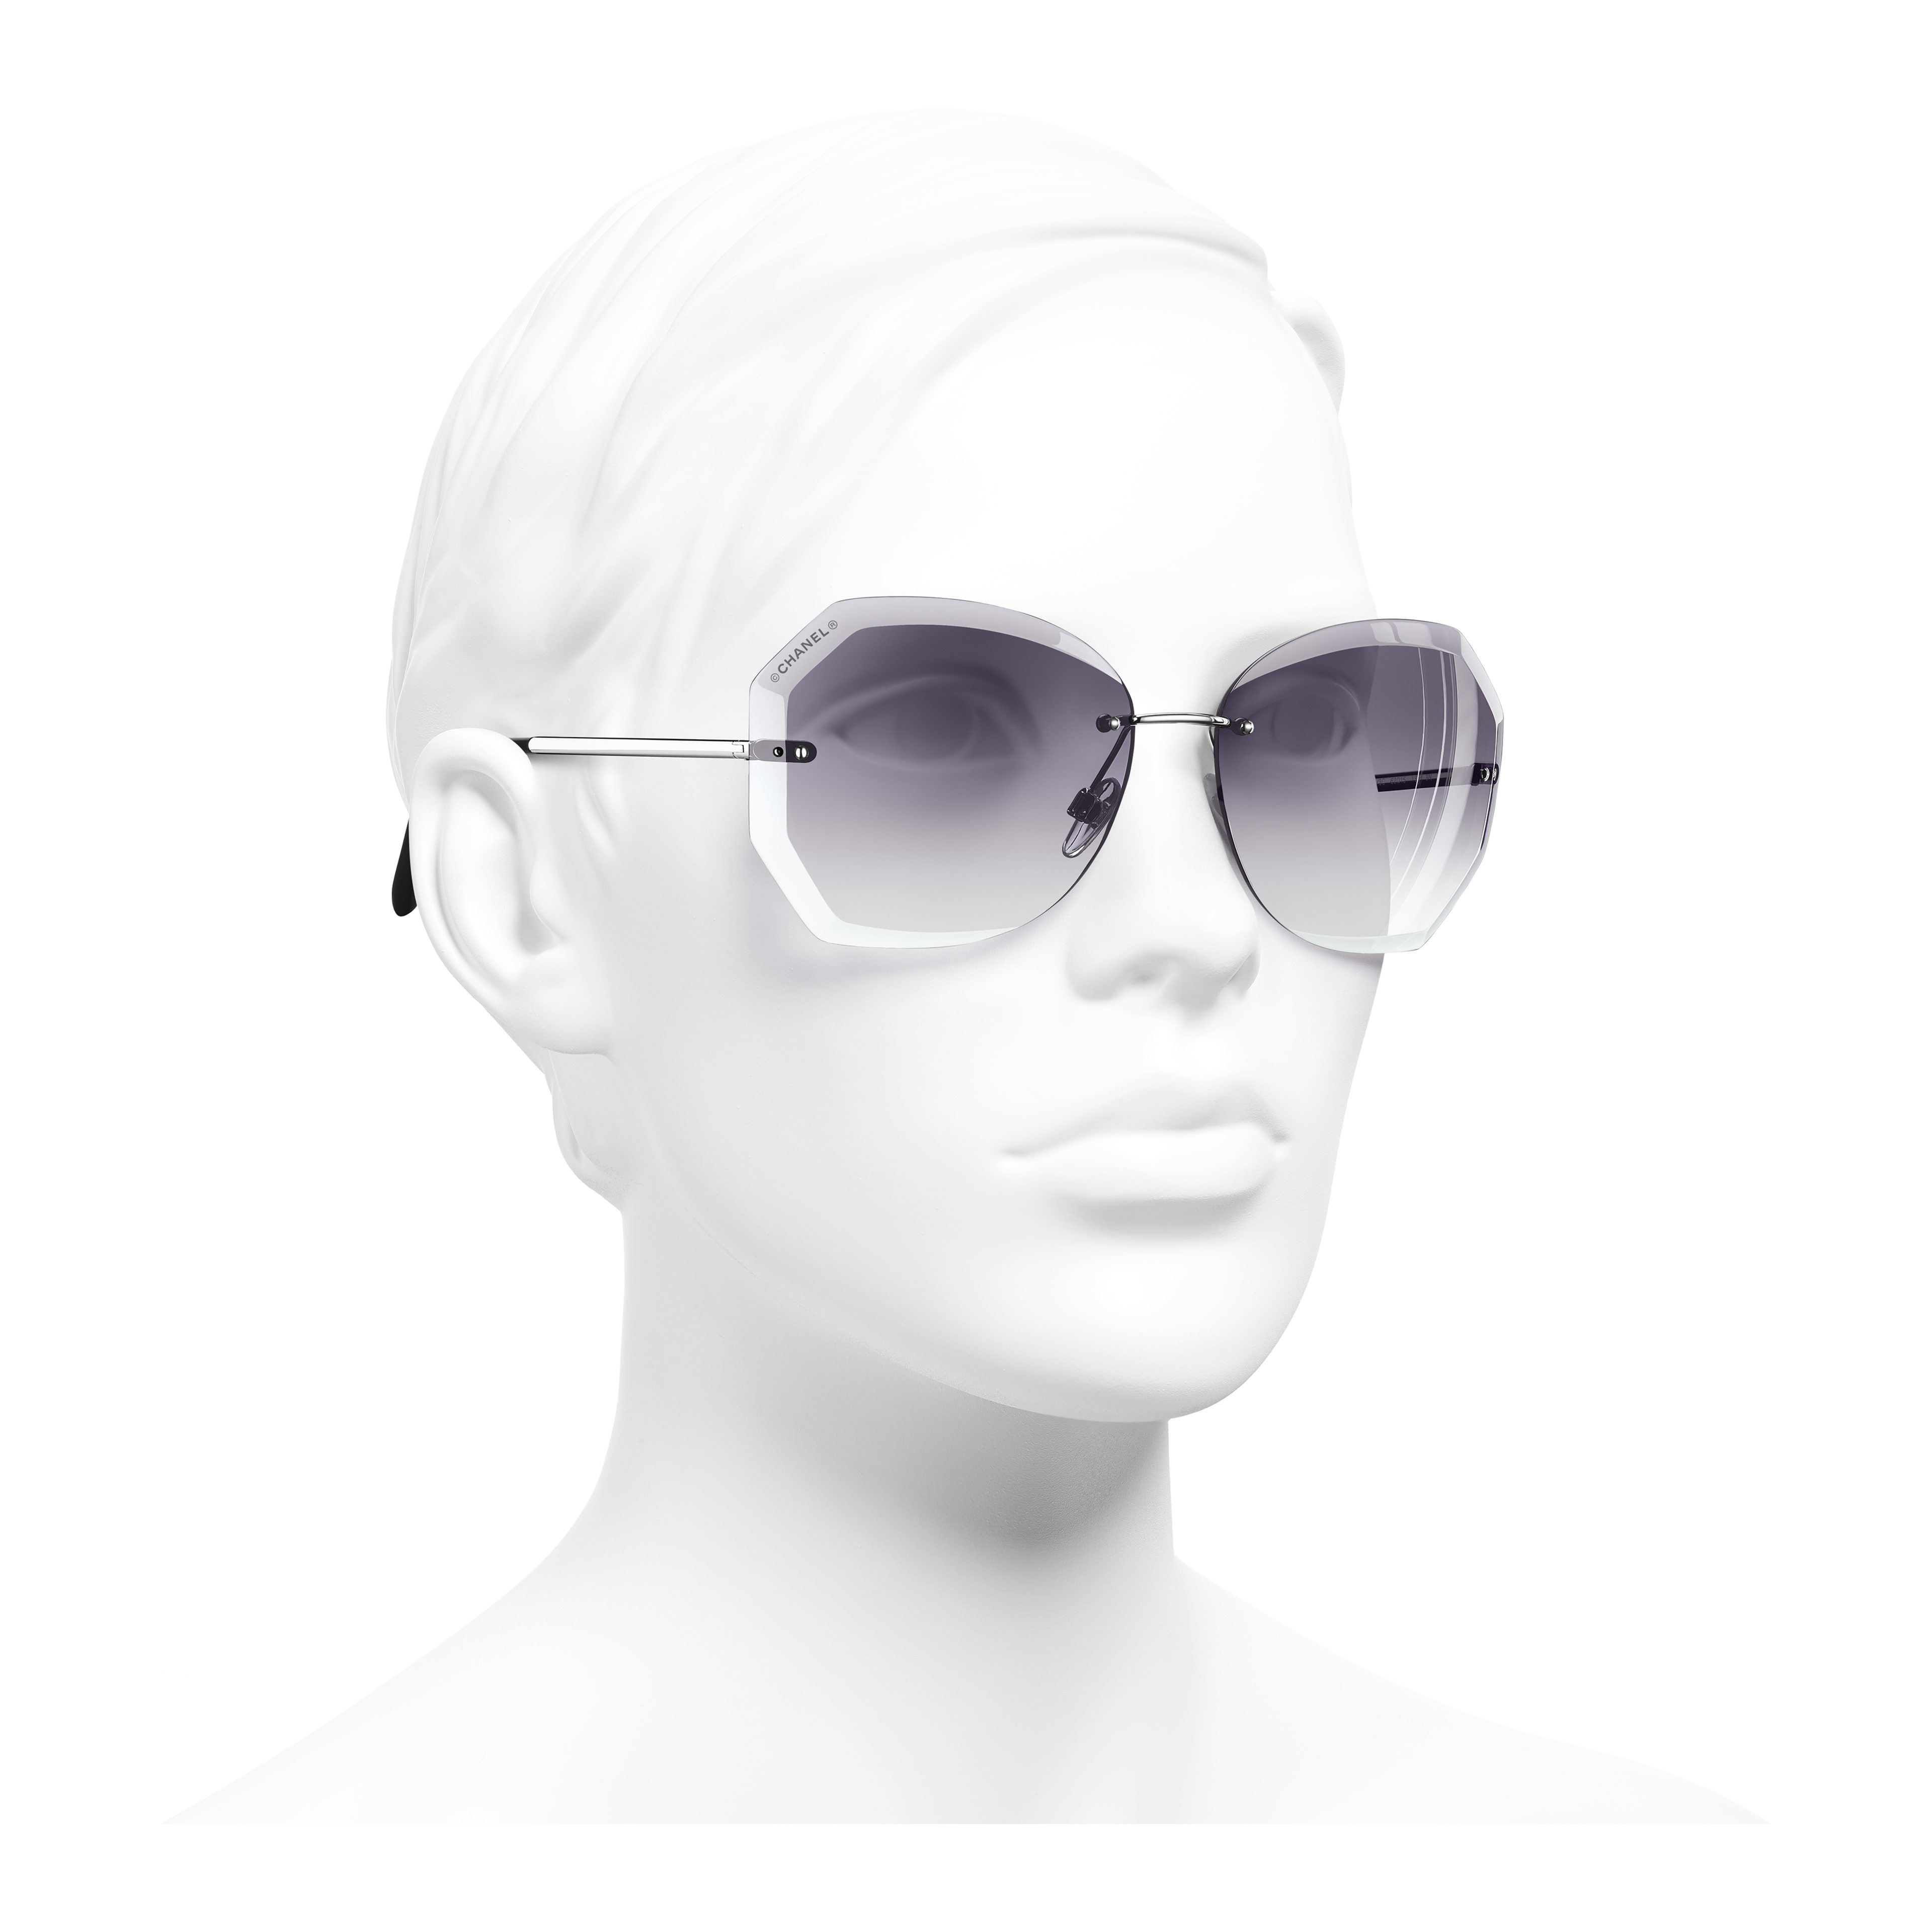 Солнцезащитные очки круглой формы - Серебристый и серый - Металл - Вид в три четверти - посмотреть полноразмерное изображение